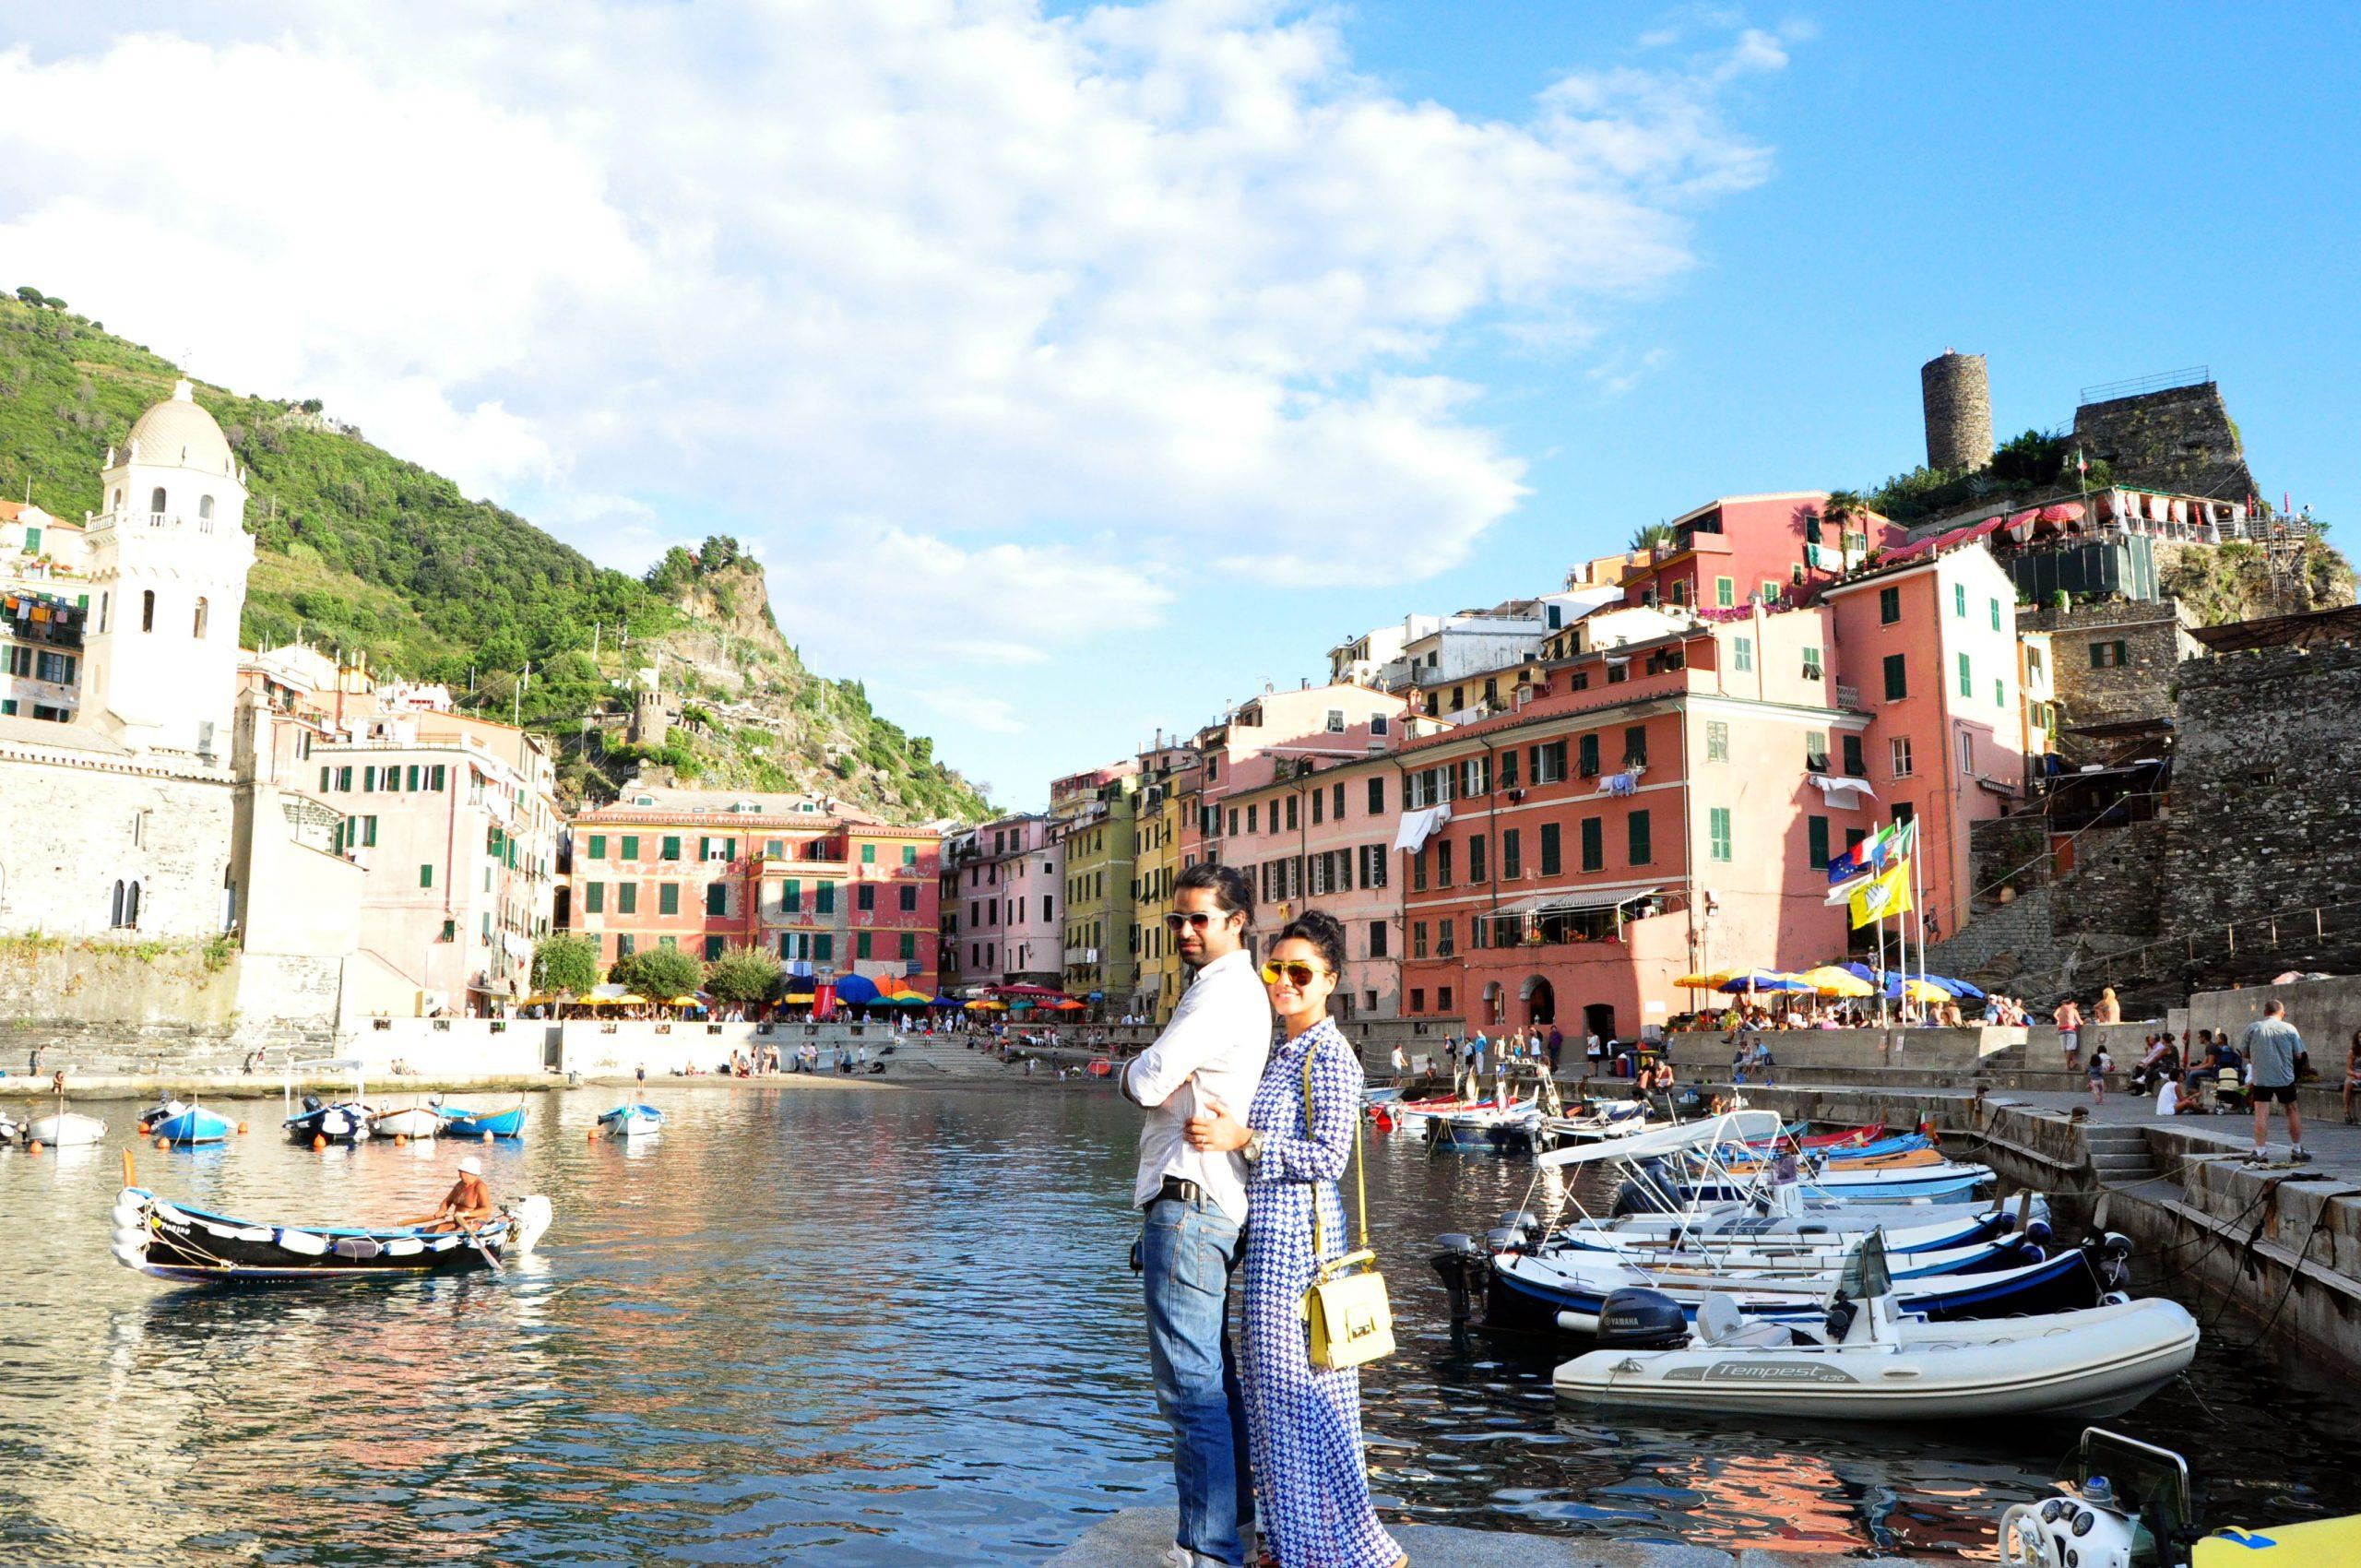 Day 09: Italy (Cinque Terre)